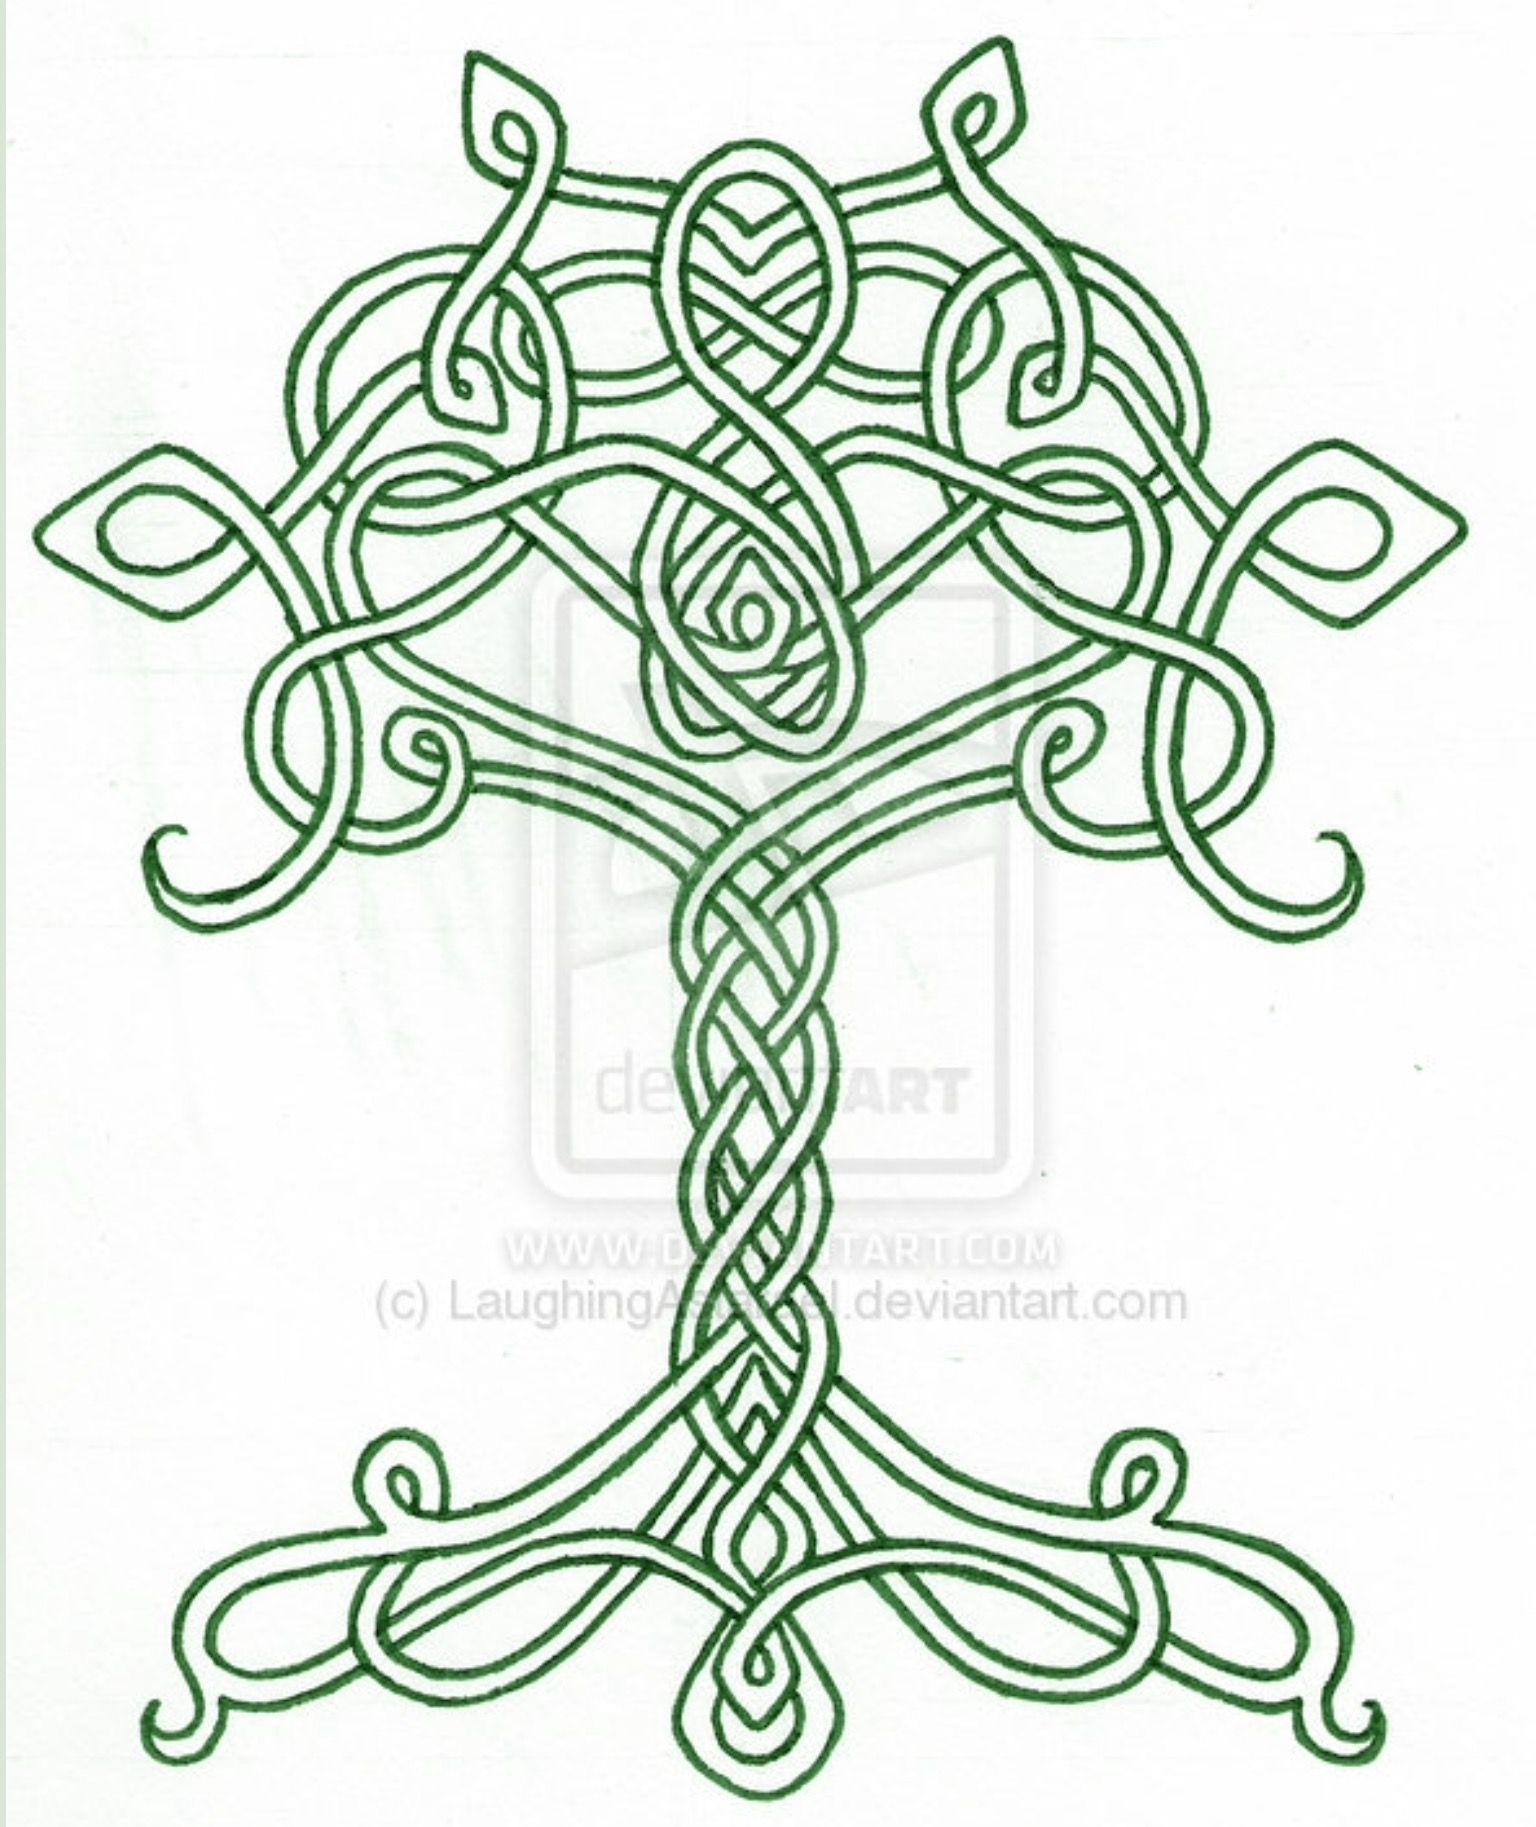 Tatouage arbre de vie celtique galerie tatouage - Signification arbre de vie ...